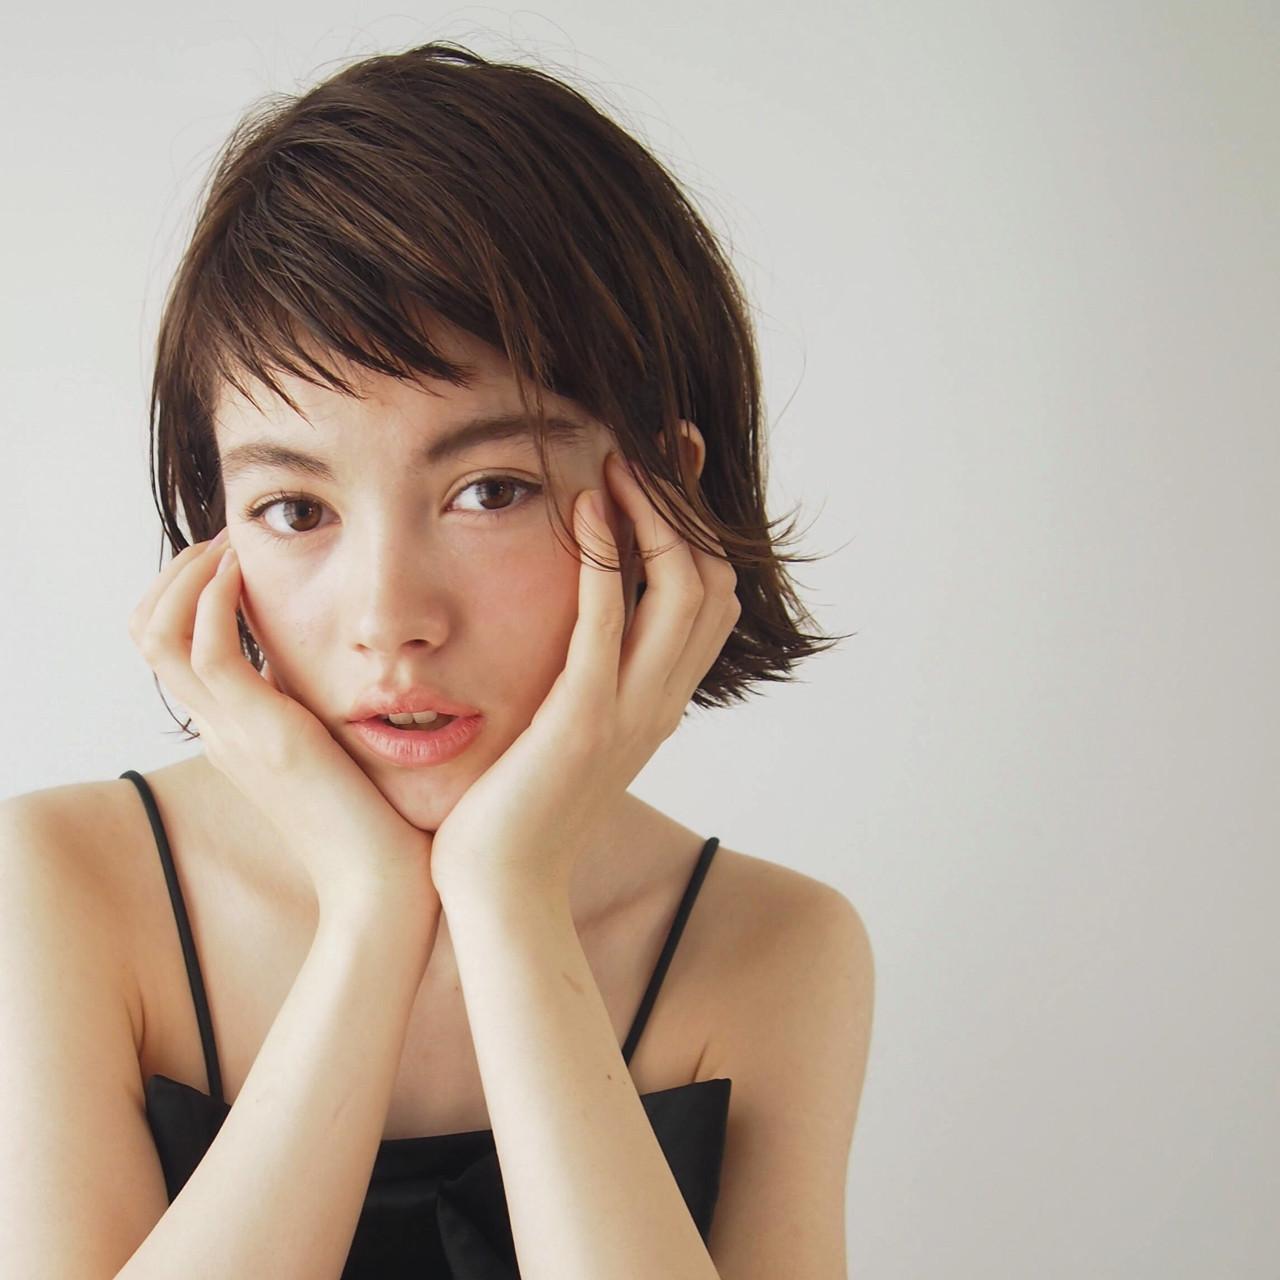 レイヤーカット ガーリー オフィス 女子会 ヘアスタイルや髪型の写真・画像 | 一色 さおり / LOAVE AOYAMA(ローブ アオヤマ)